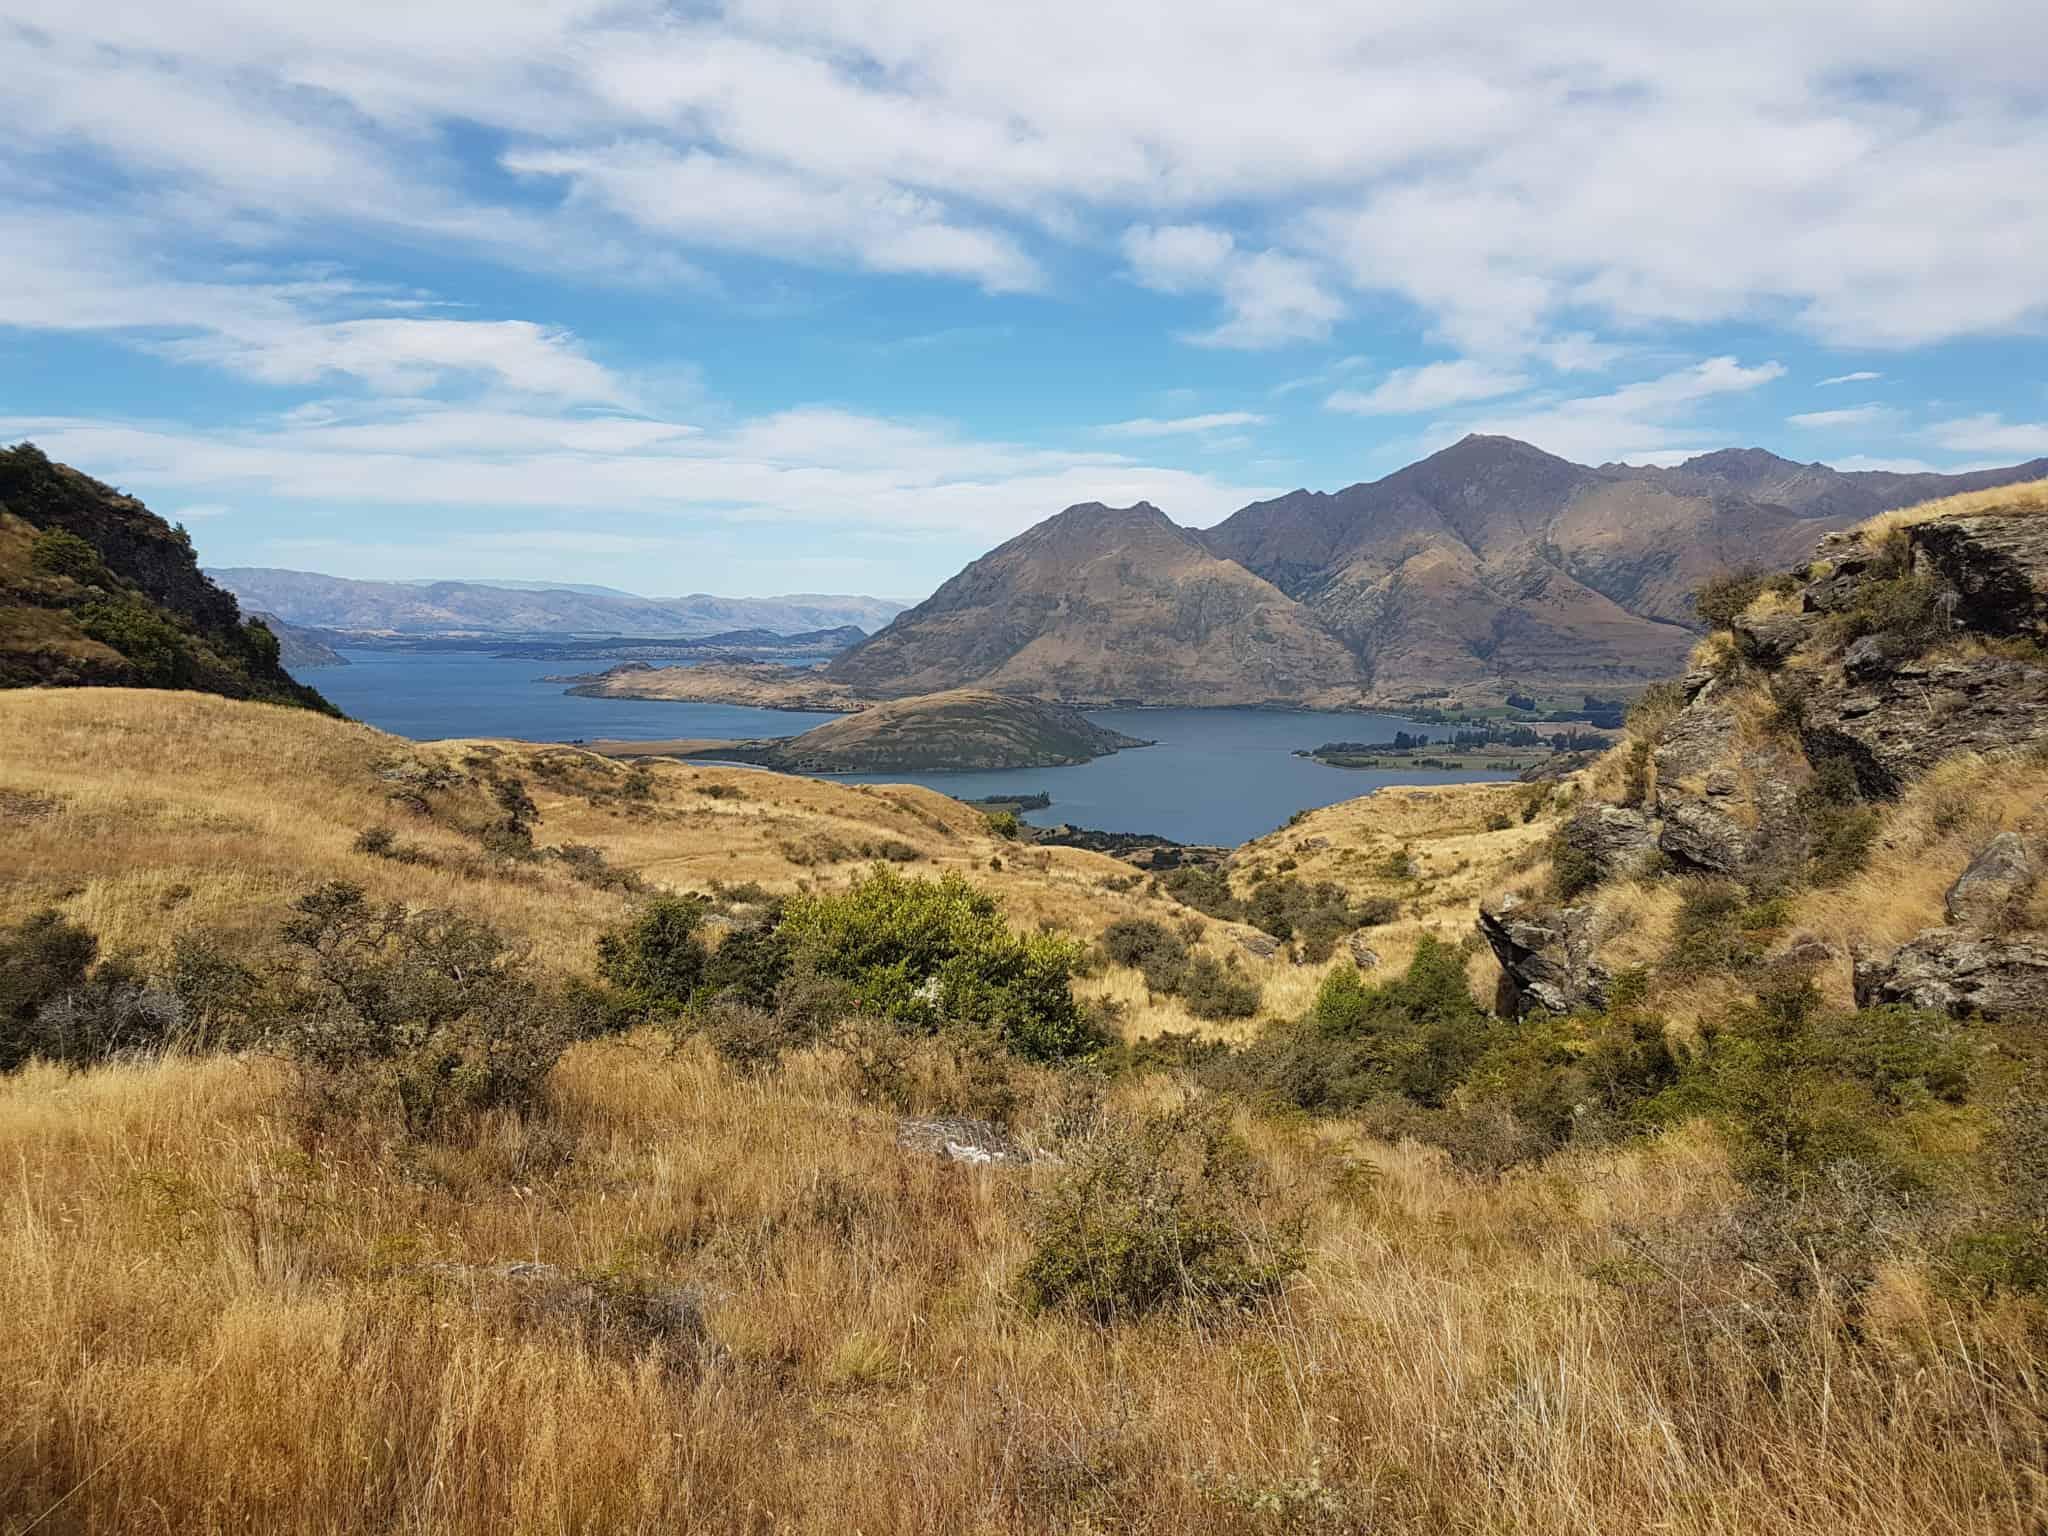 Nouvelle-Zélande, la Rocky Mountain Track une randonnée méconnue des touristes 🤩 16